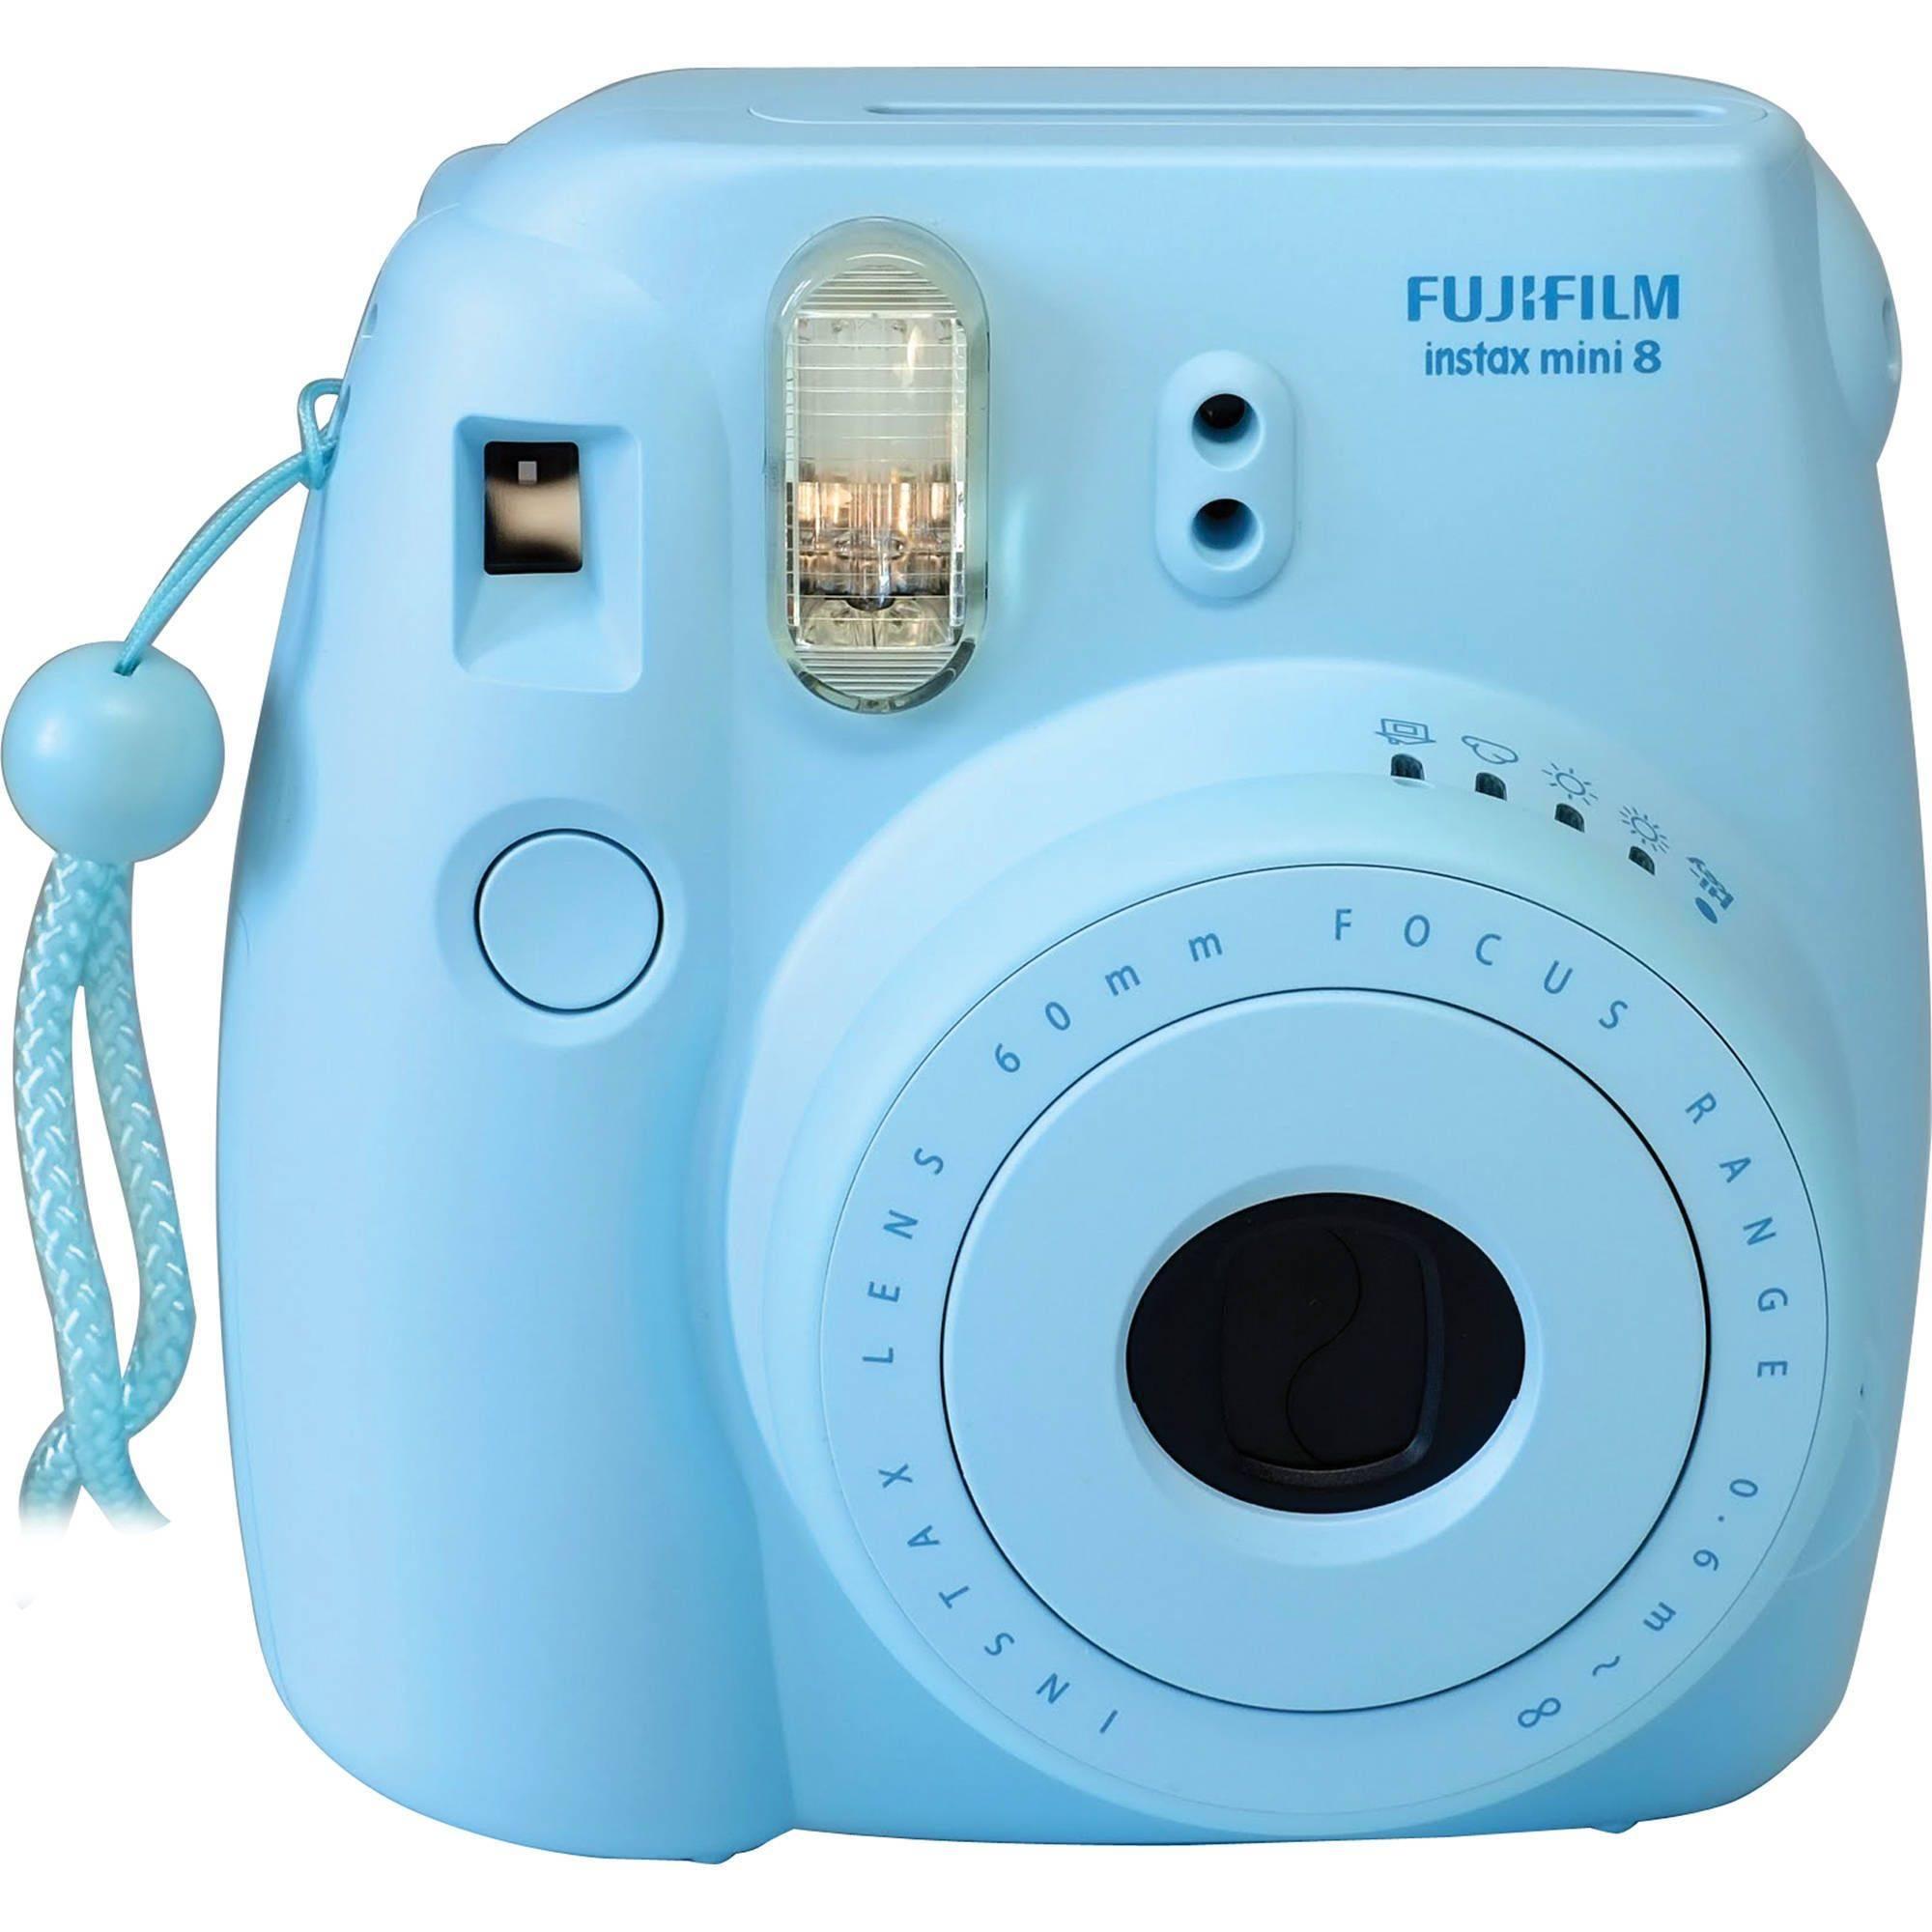 фотоаппарат быстрой печати фото жесты служат для